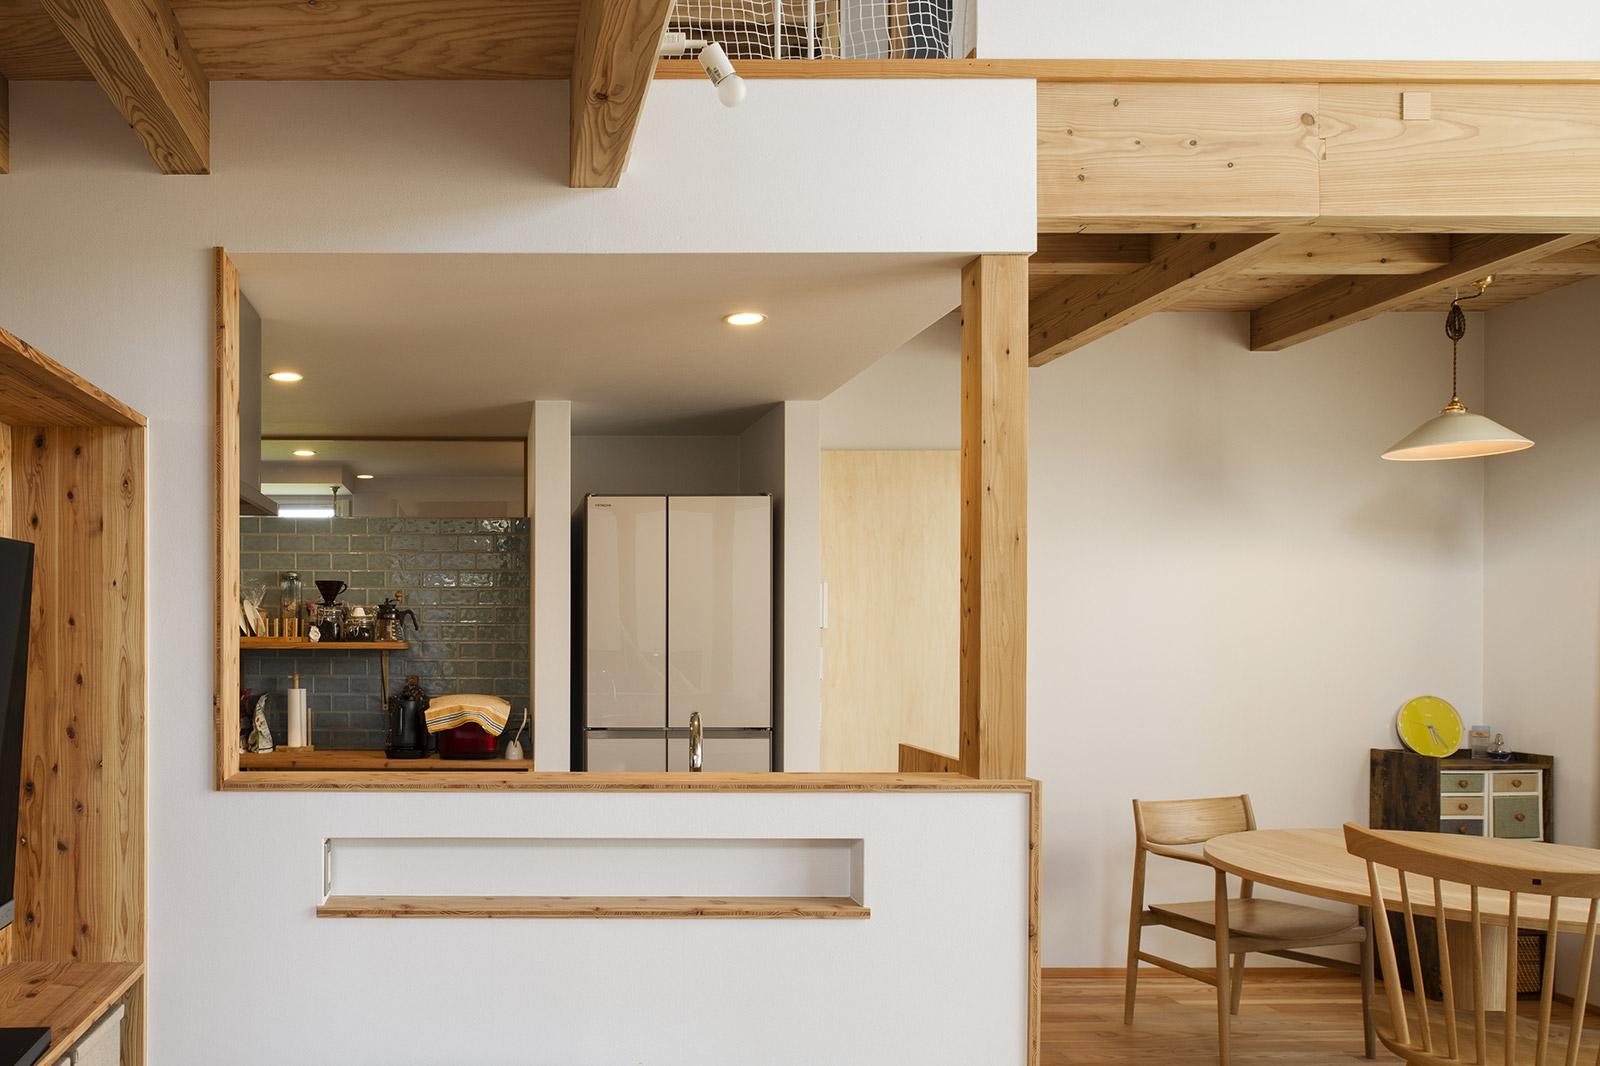 家事のしやすさを追求したキッチンにダイニングを近接。ダイニング・テーブルや椅子も空間にマッチするよう、道産材にこだわって選んだ